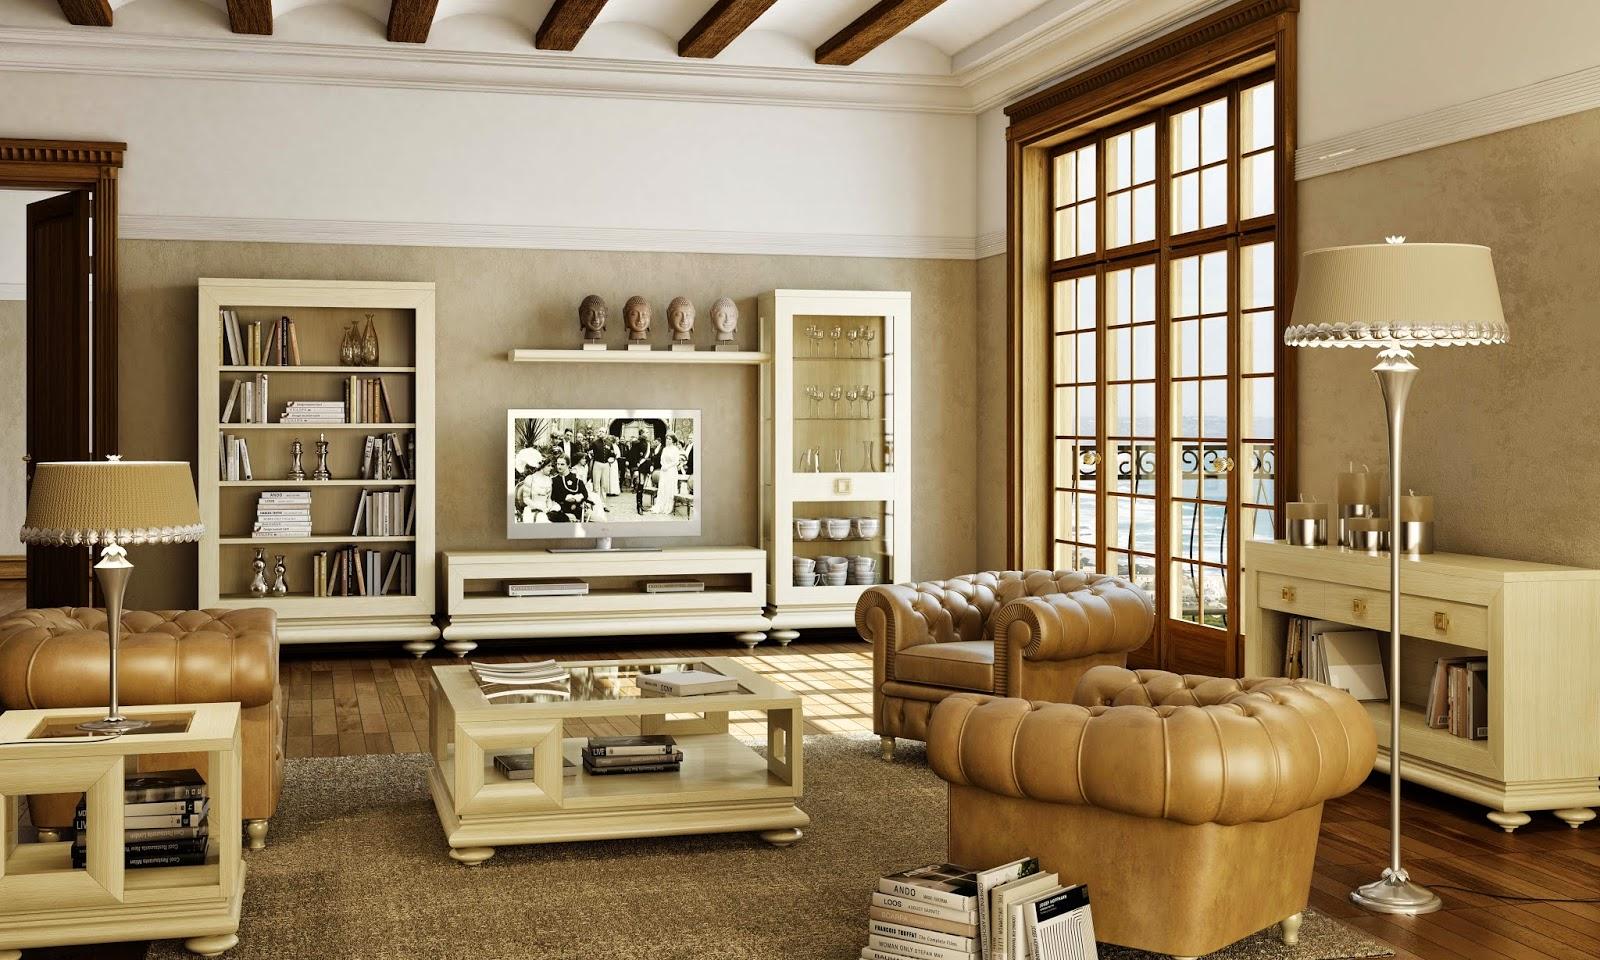 Muebles lancha for Muebles rusticos para salon